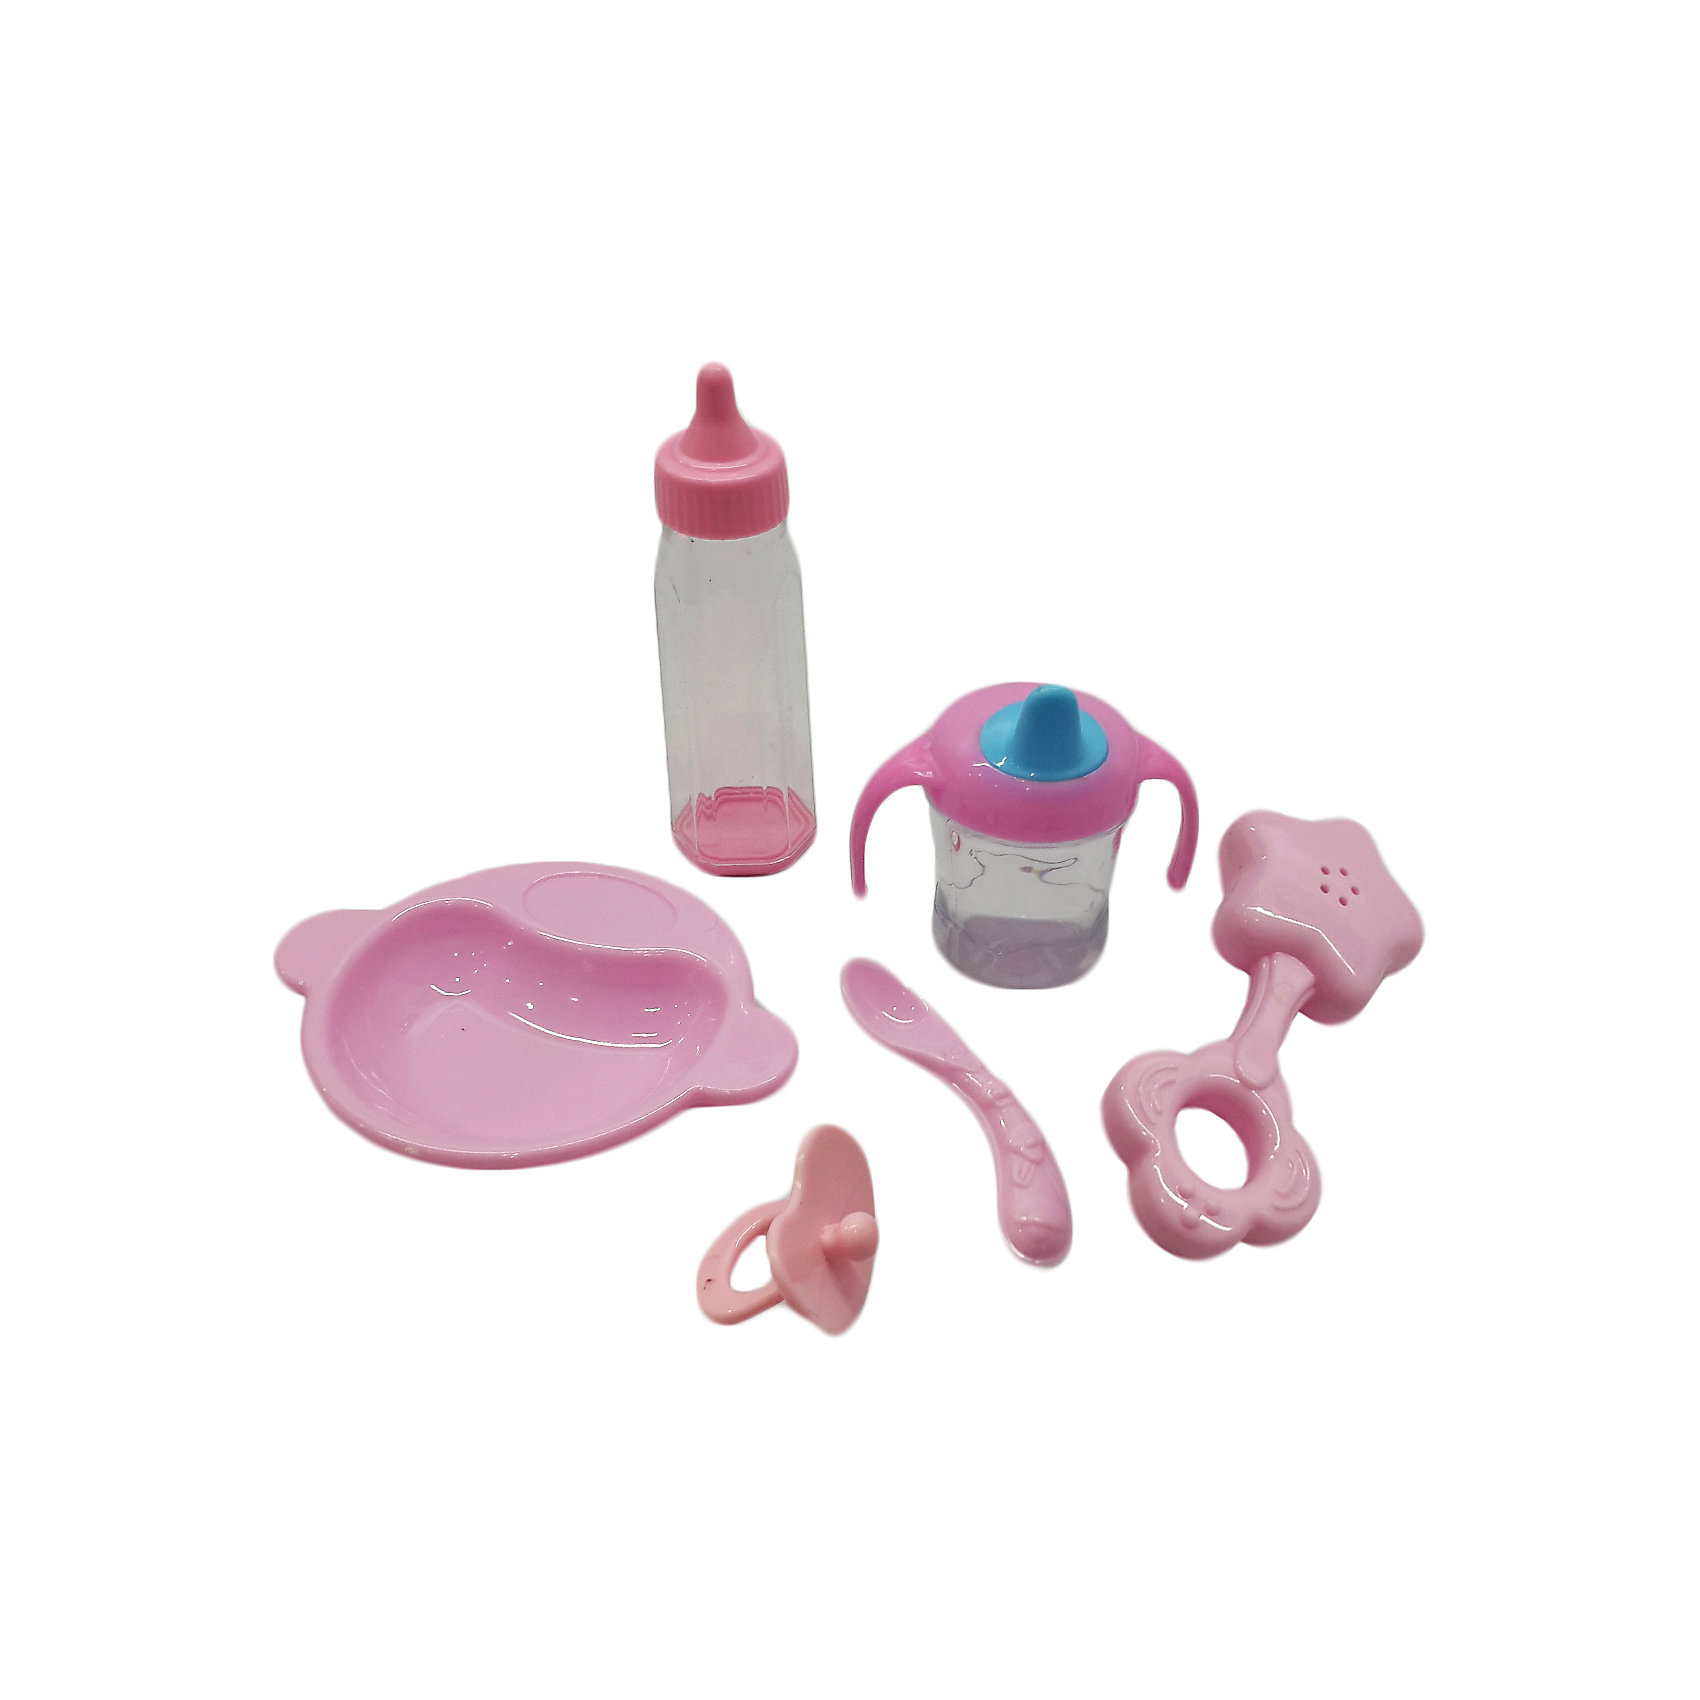 Набор аксессуаров для куклы, Mary PoppinsОдежда для кукол<br>Набор аксессуаров для куклы, Mary Poppins.<br><br>Характеристики:<br><br>• Комплектация: тарелочка, бутылочка, поильник, соска, ложка, погремушка<br>• Материал: пластмасса<br>• Упаковка: картонная коробка<br>• Размер упаковки: 12х6х14 см.<br><br>В этом наборе есть все, что необходимо для ухода за куклой-младенцем: тарелочка, бутылочка, поильник, соска, ложка, погремушка. Набор предназначен для сюжетно-ролевых игр. Все элементы набора изготовлены из качественной гипоаллергенной пластмассы. Игры с куклами благоприятно влияют на социализацию и полноценное формирование психики ребенка, учат эмоциональной отзывчивости.<br><br>Набор аксессуаров для куклы, Mary Poppins можно купить в нашем интернет-магазине.<br><br>Ширина мм: 120<br>Глубина мм: 60<br>Высота мм: 140<br>Вес г: 106<br>Возраст от месяцев: 24<br>Возраст до месяцев: 2147483647<br>Пол: Женский<br>Возраст: Детский<br>SKU: 5402758